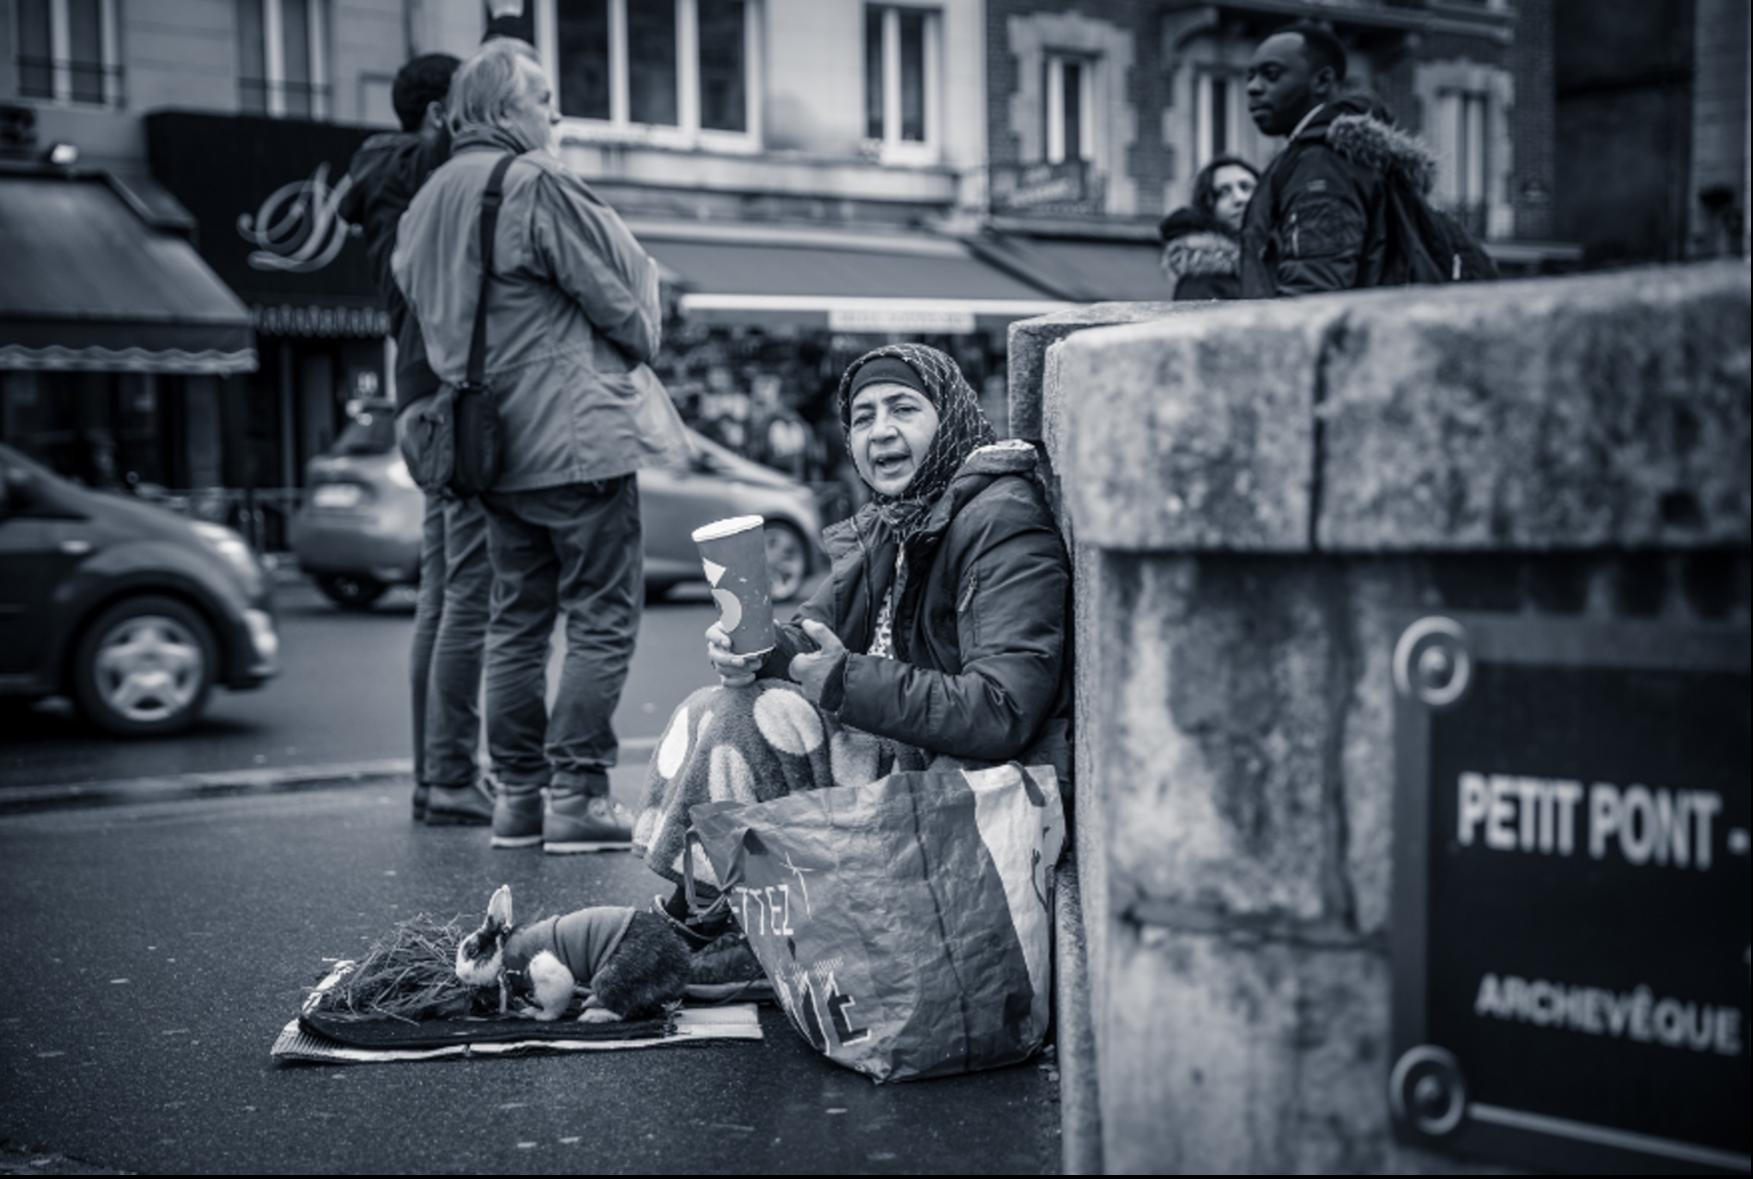 Changer notre regard sur les sans-abris